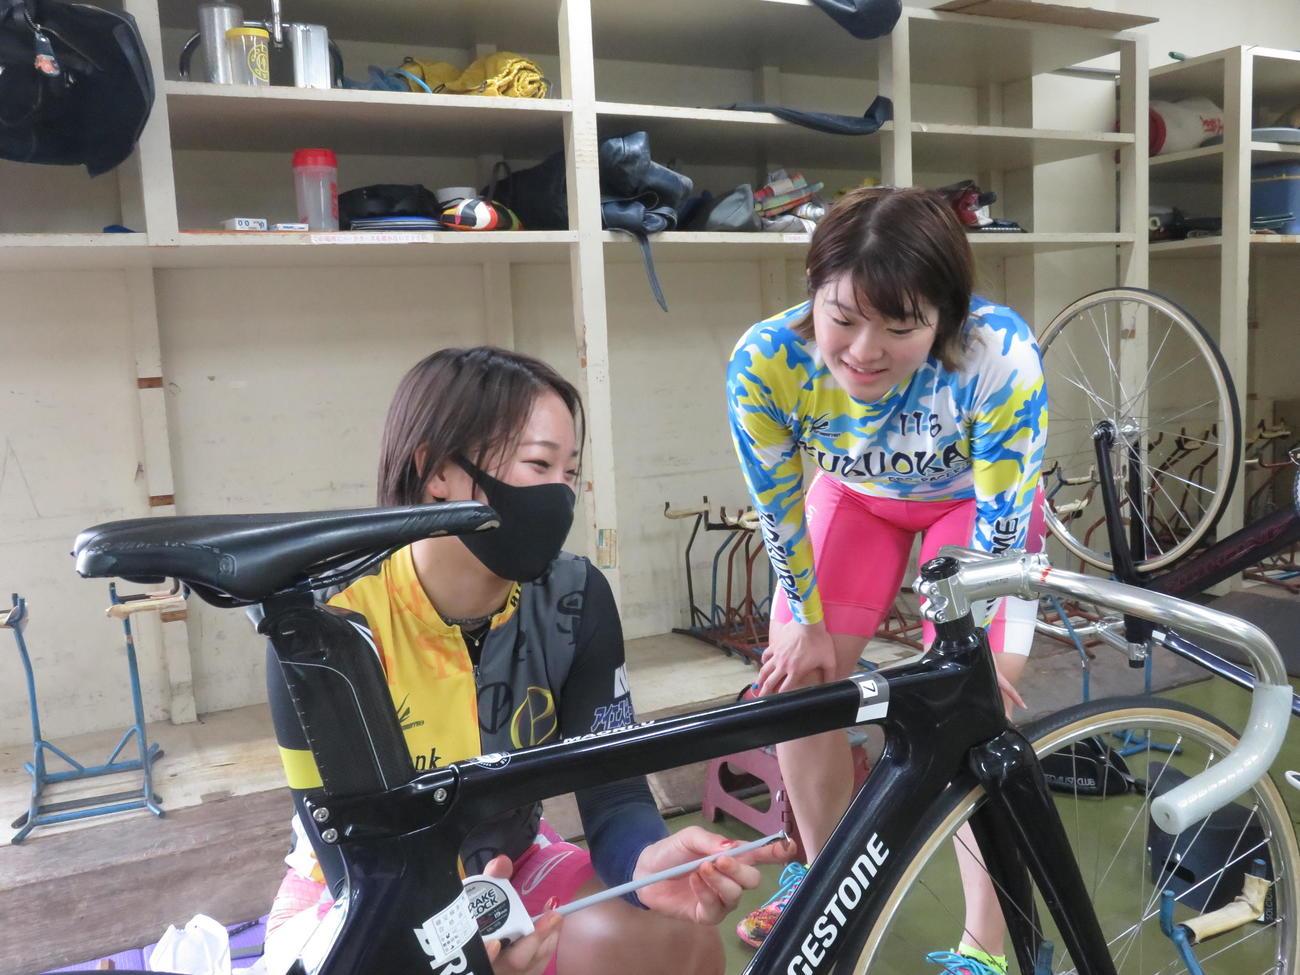 内村舞織(左)の自転車を見ながら助言をする尾方真生